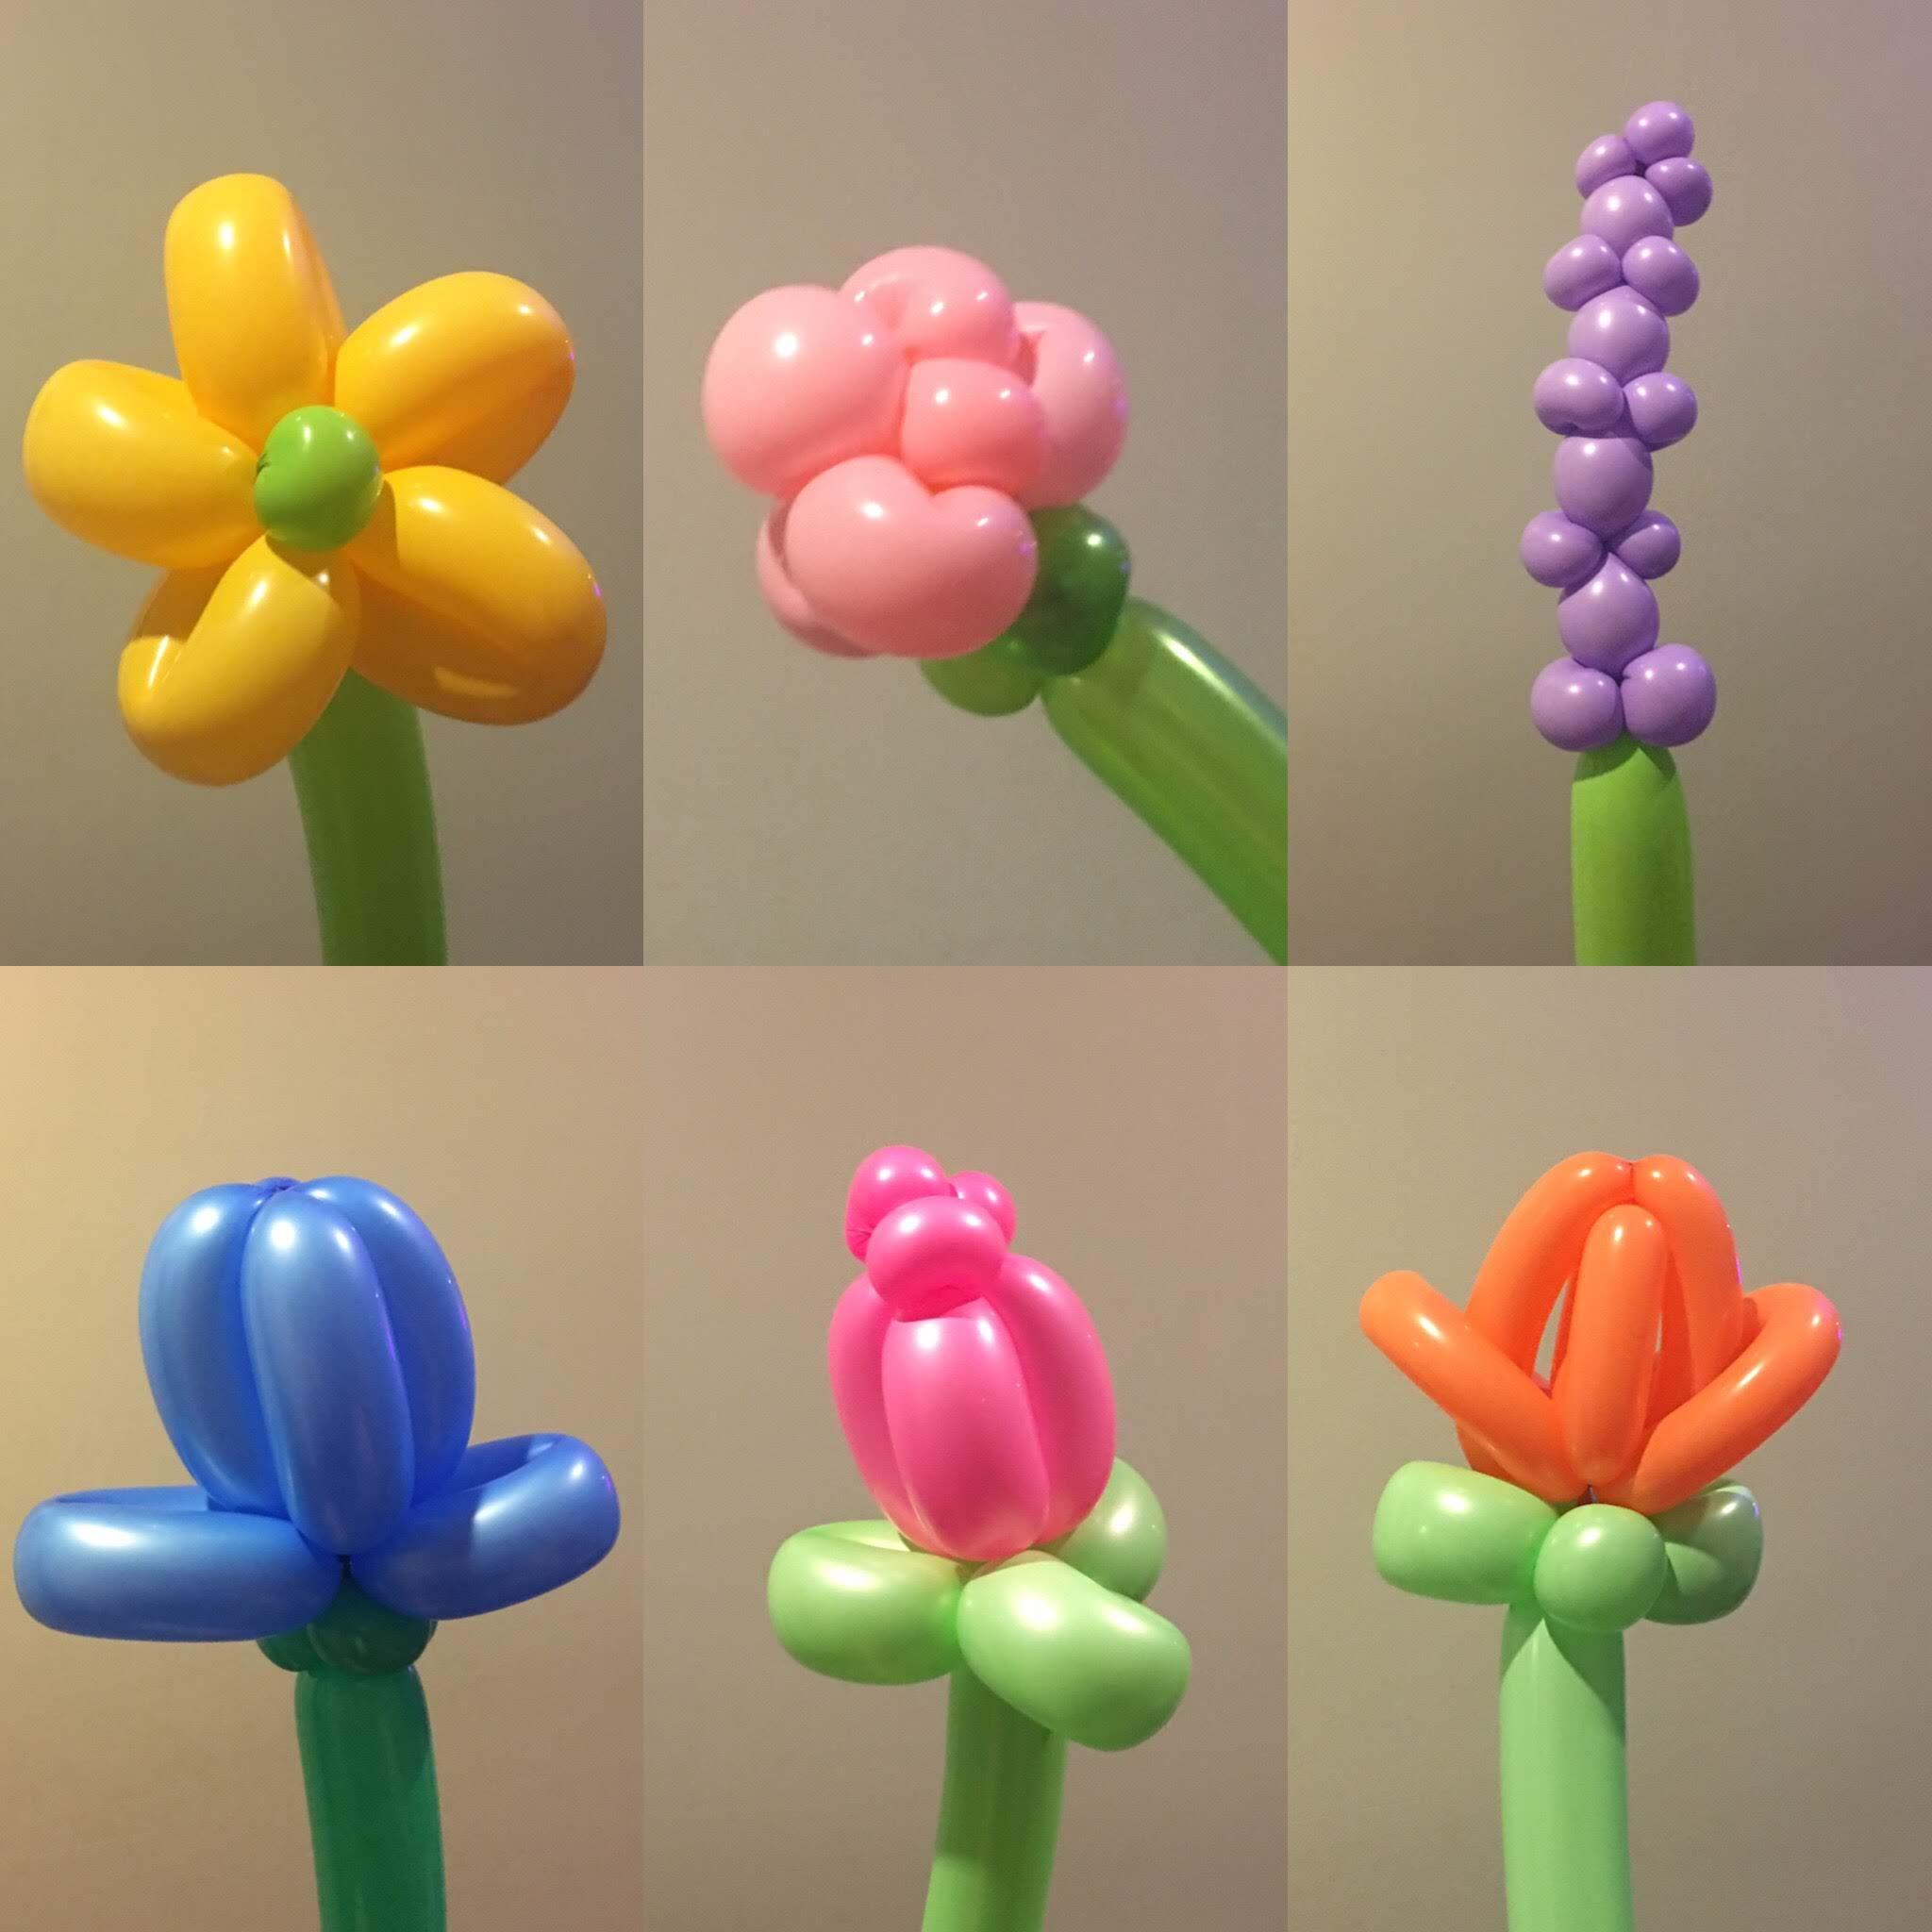 Bronze-Tier Balloon Flower examples